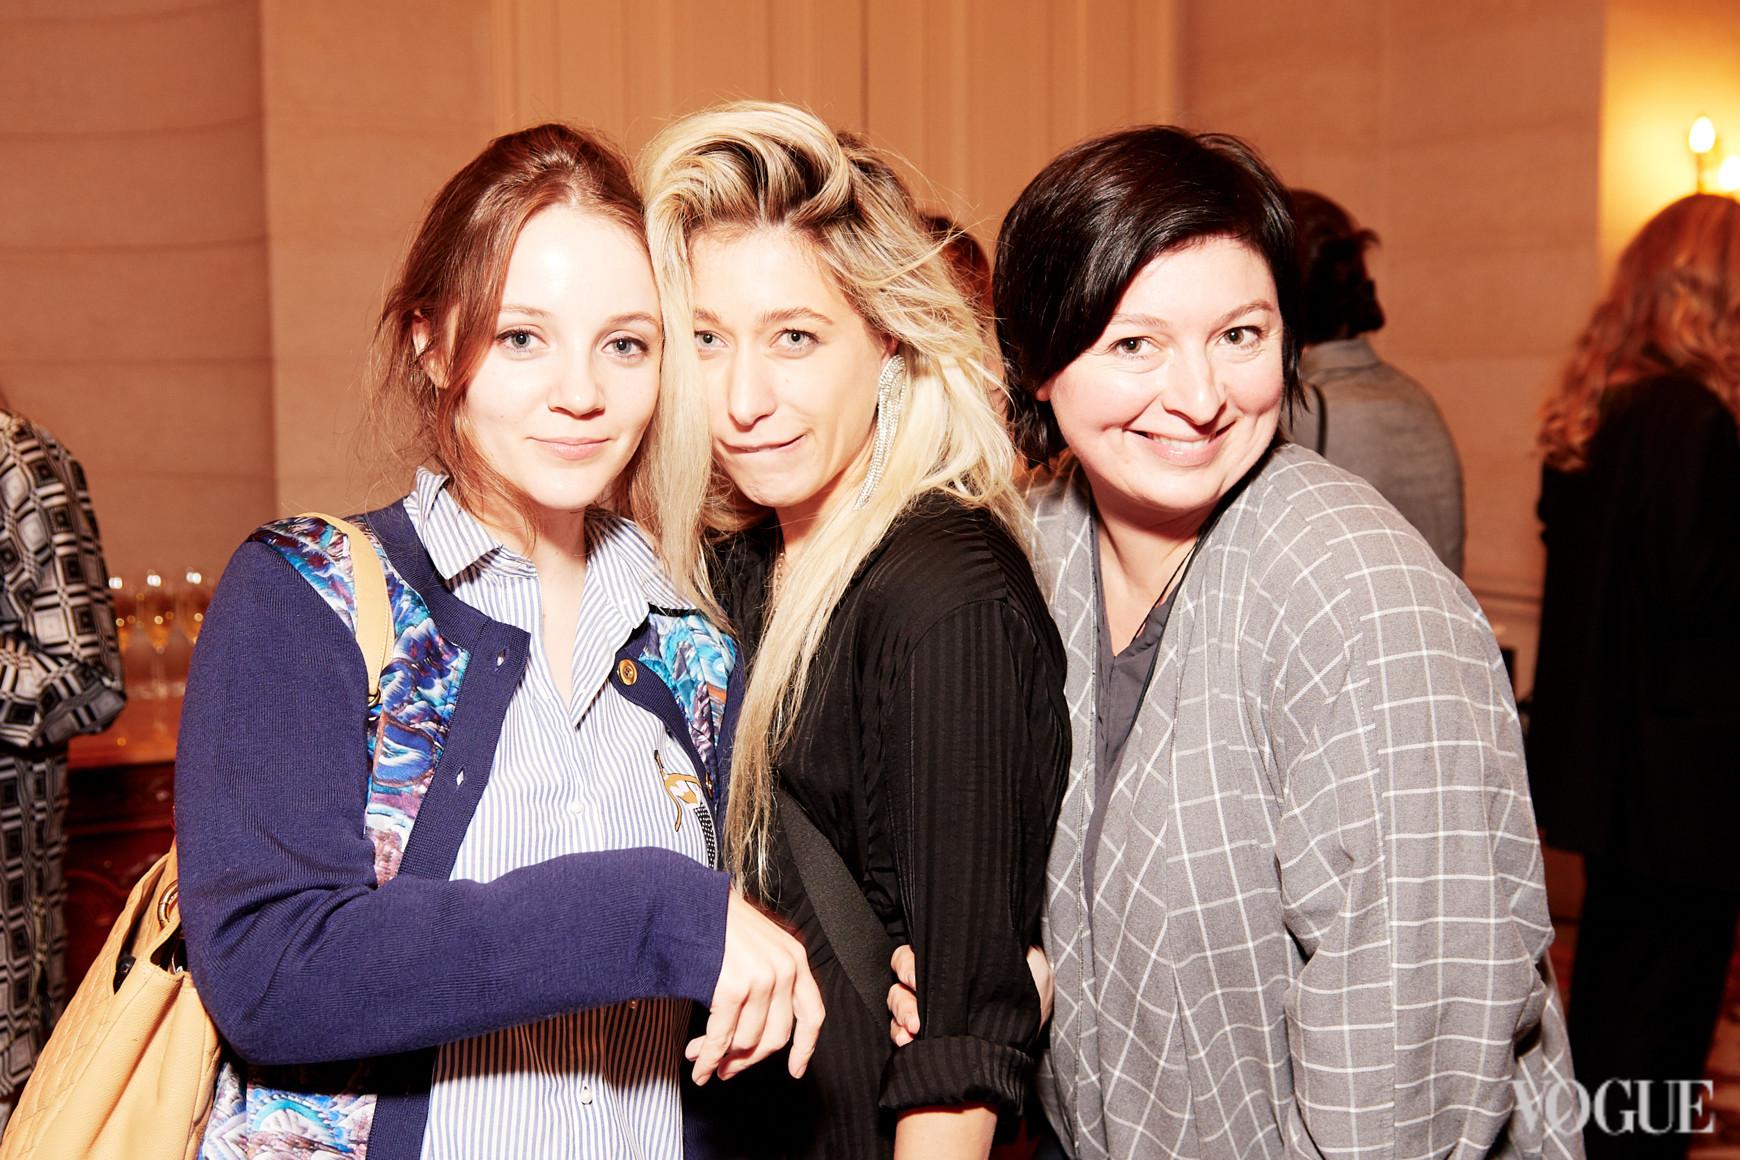 Ольга Курищук, Валерия Ковальская и Кристина Бобкова